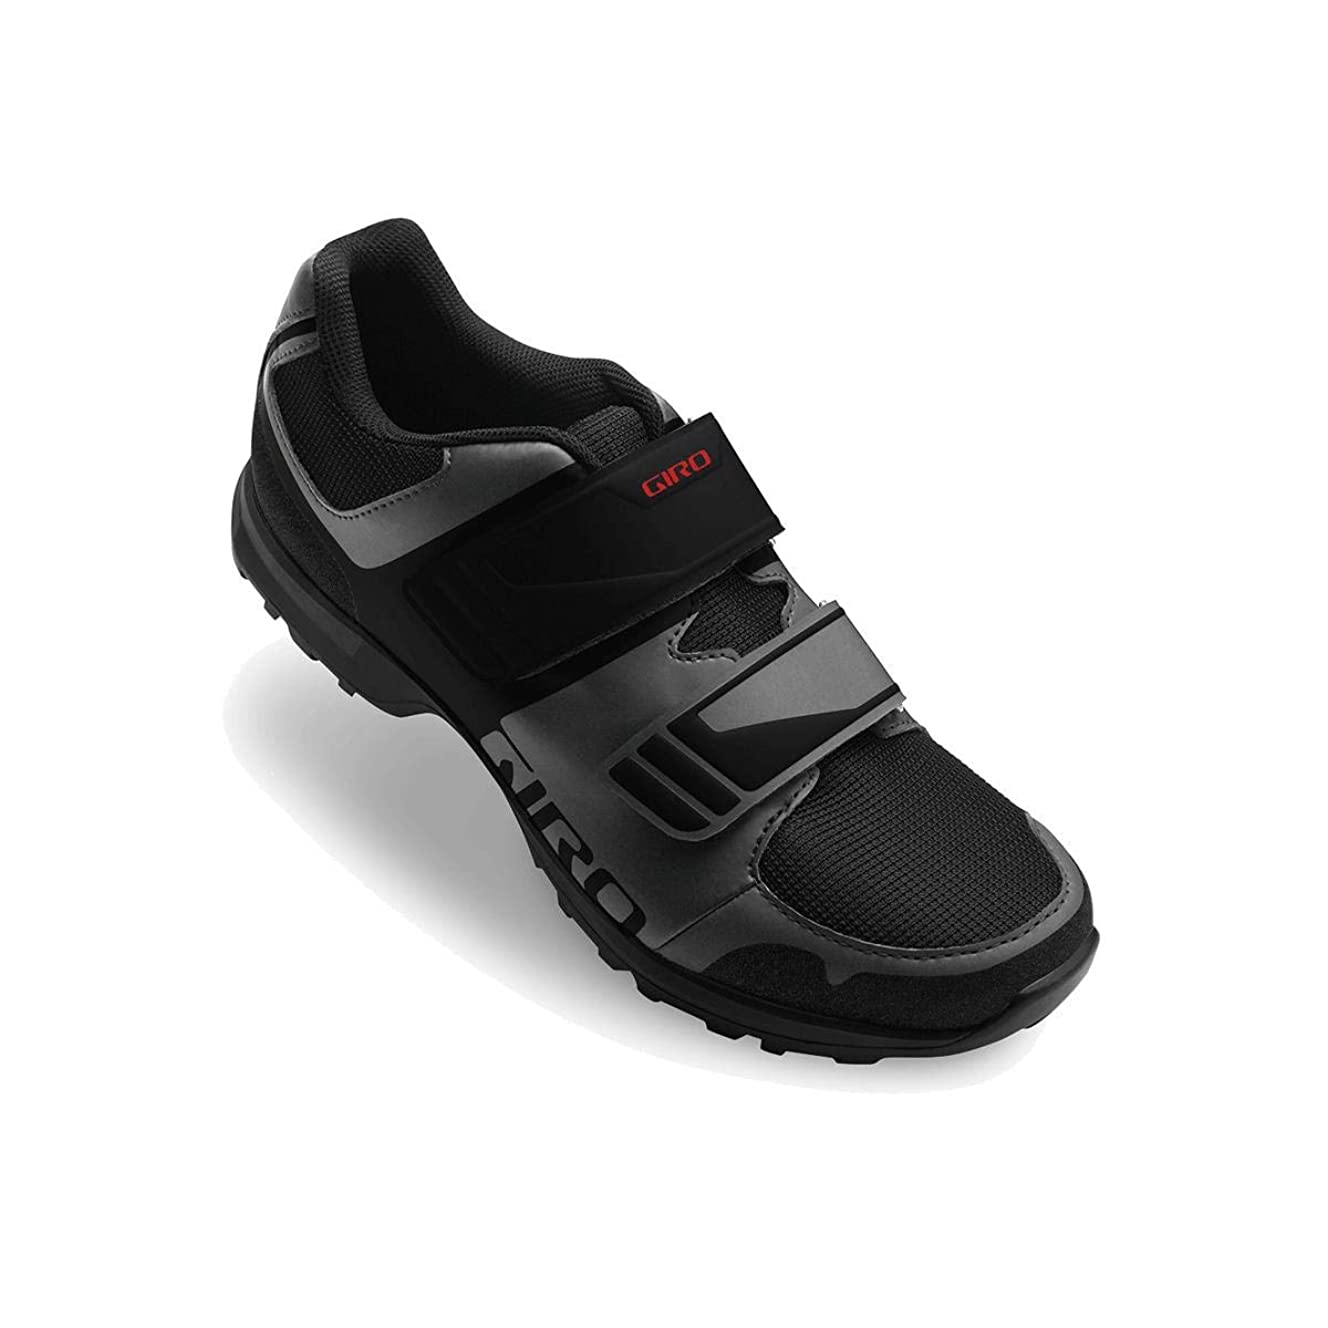 Giro Berm Cycling Shoes - Men's